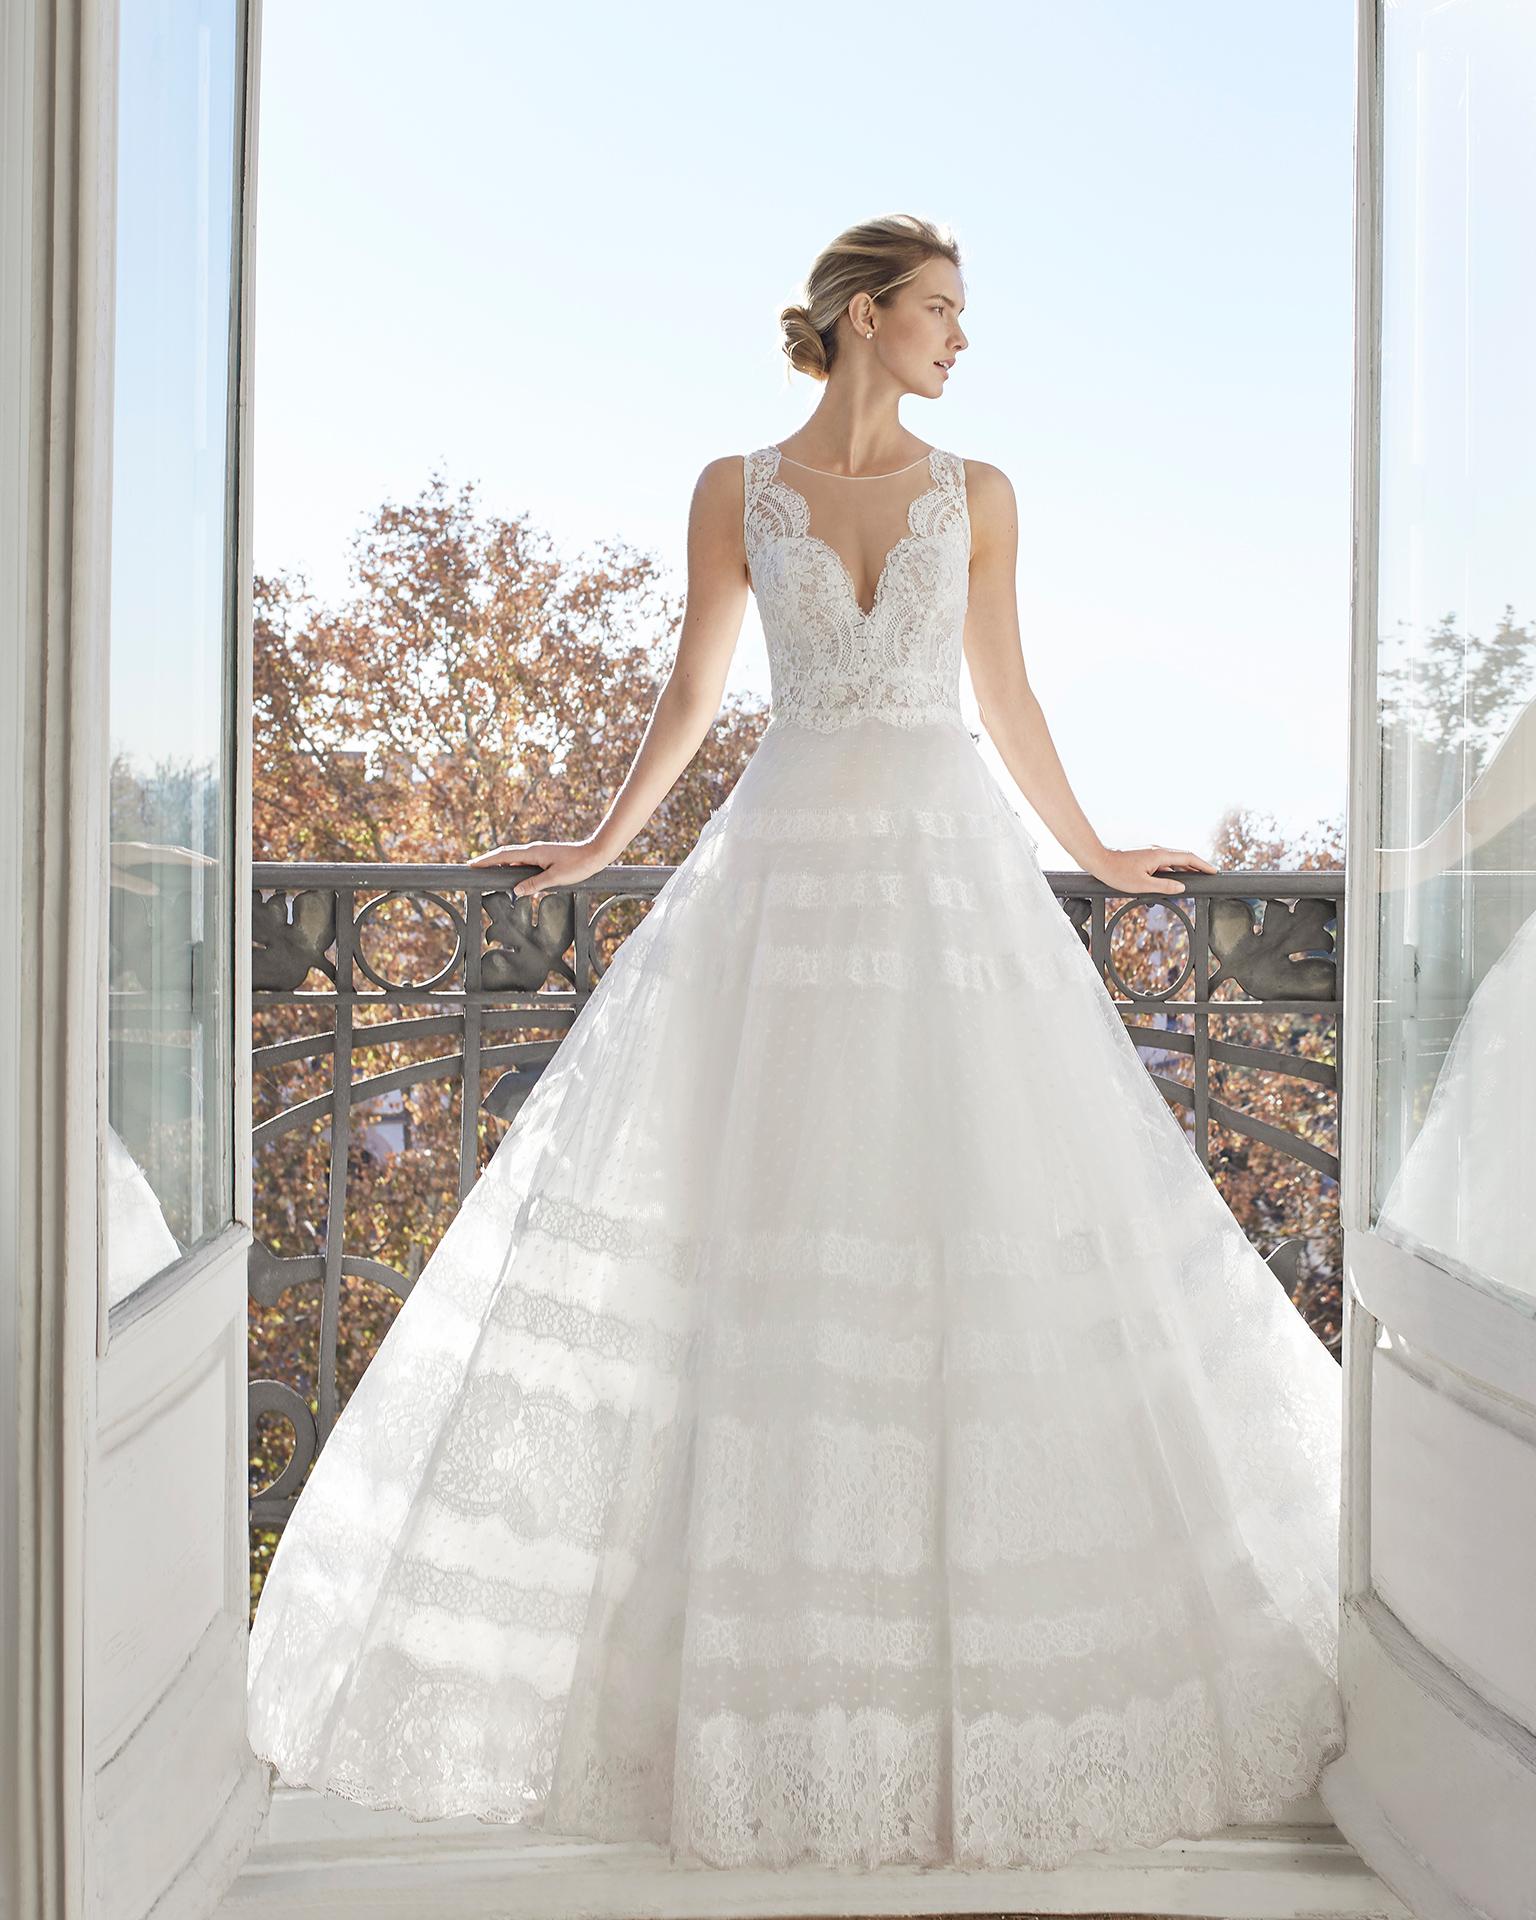 dc58692b Enya. Luce este delicado vestido de novia ...